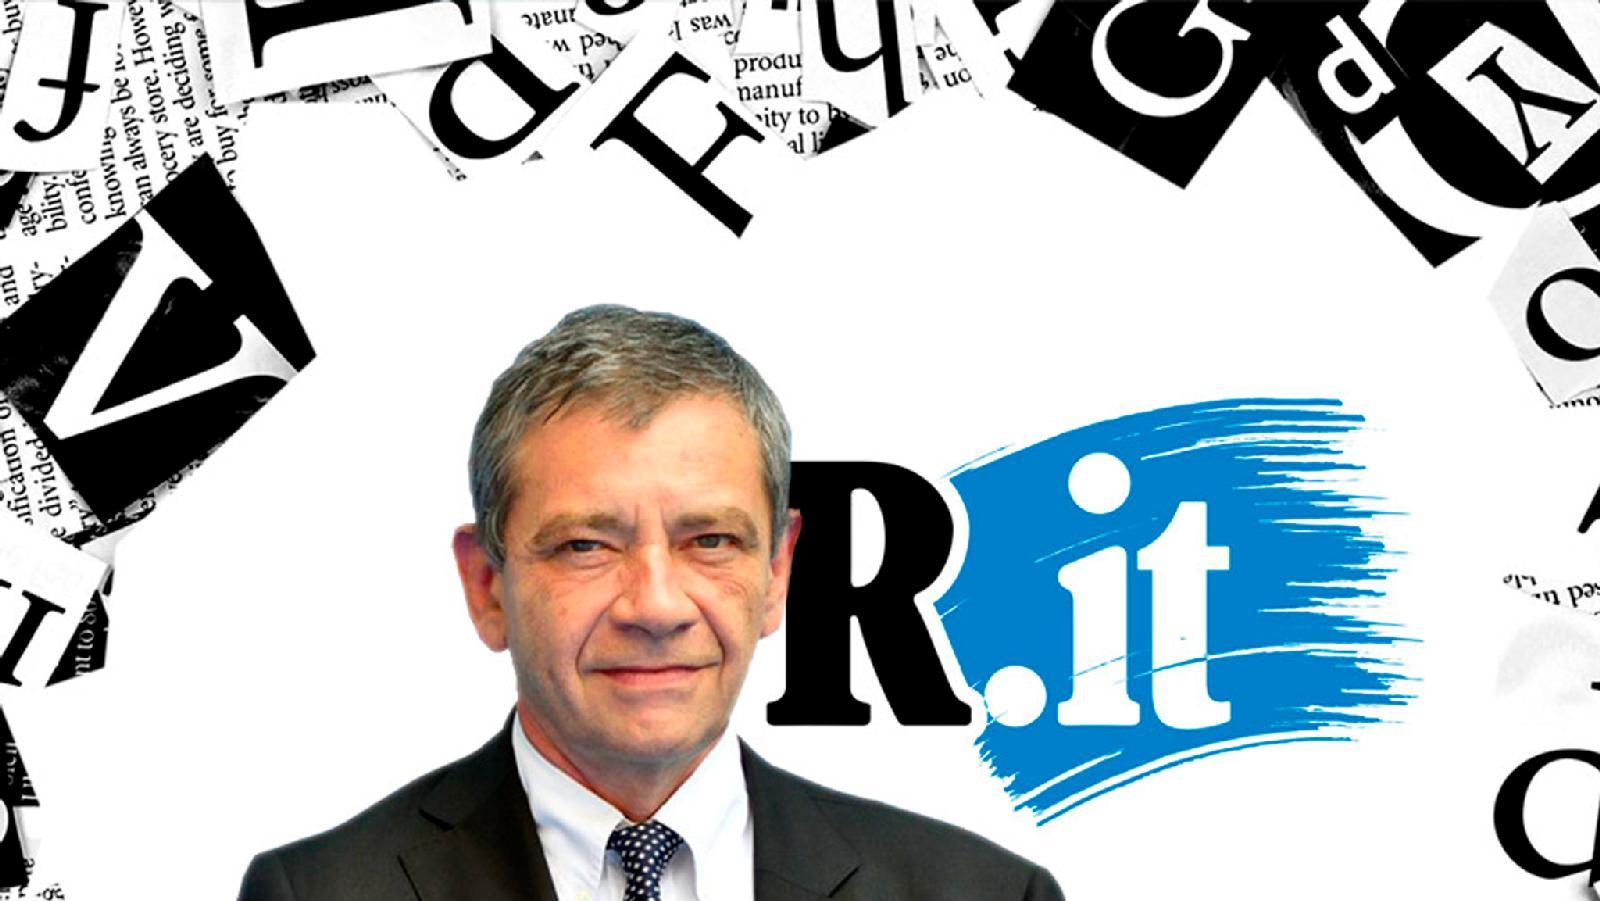 Редактор газеты «Репубблика» Карло Верделли находится подохраной карабинеров